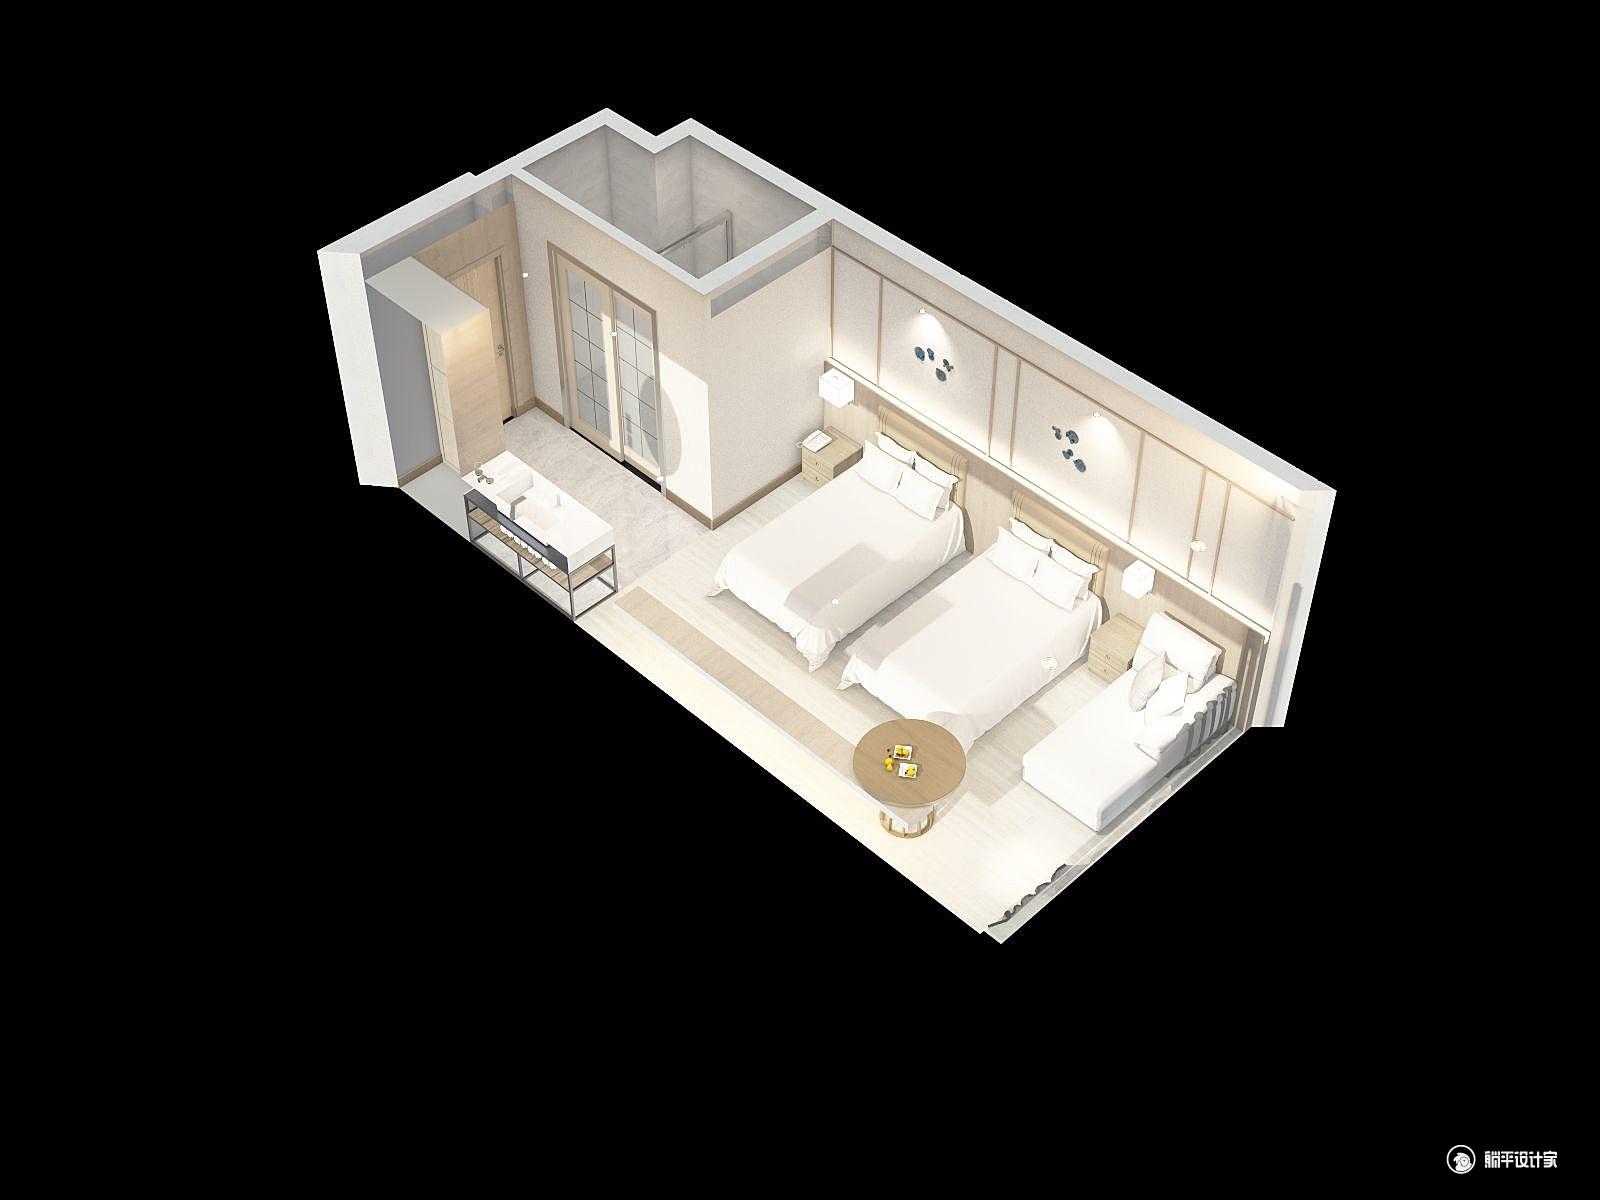 混搭风格一室装修设计效果图